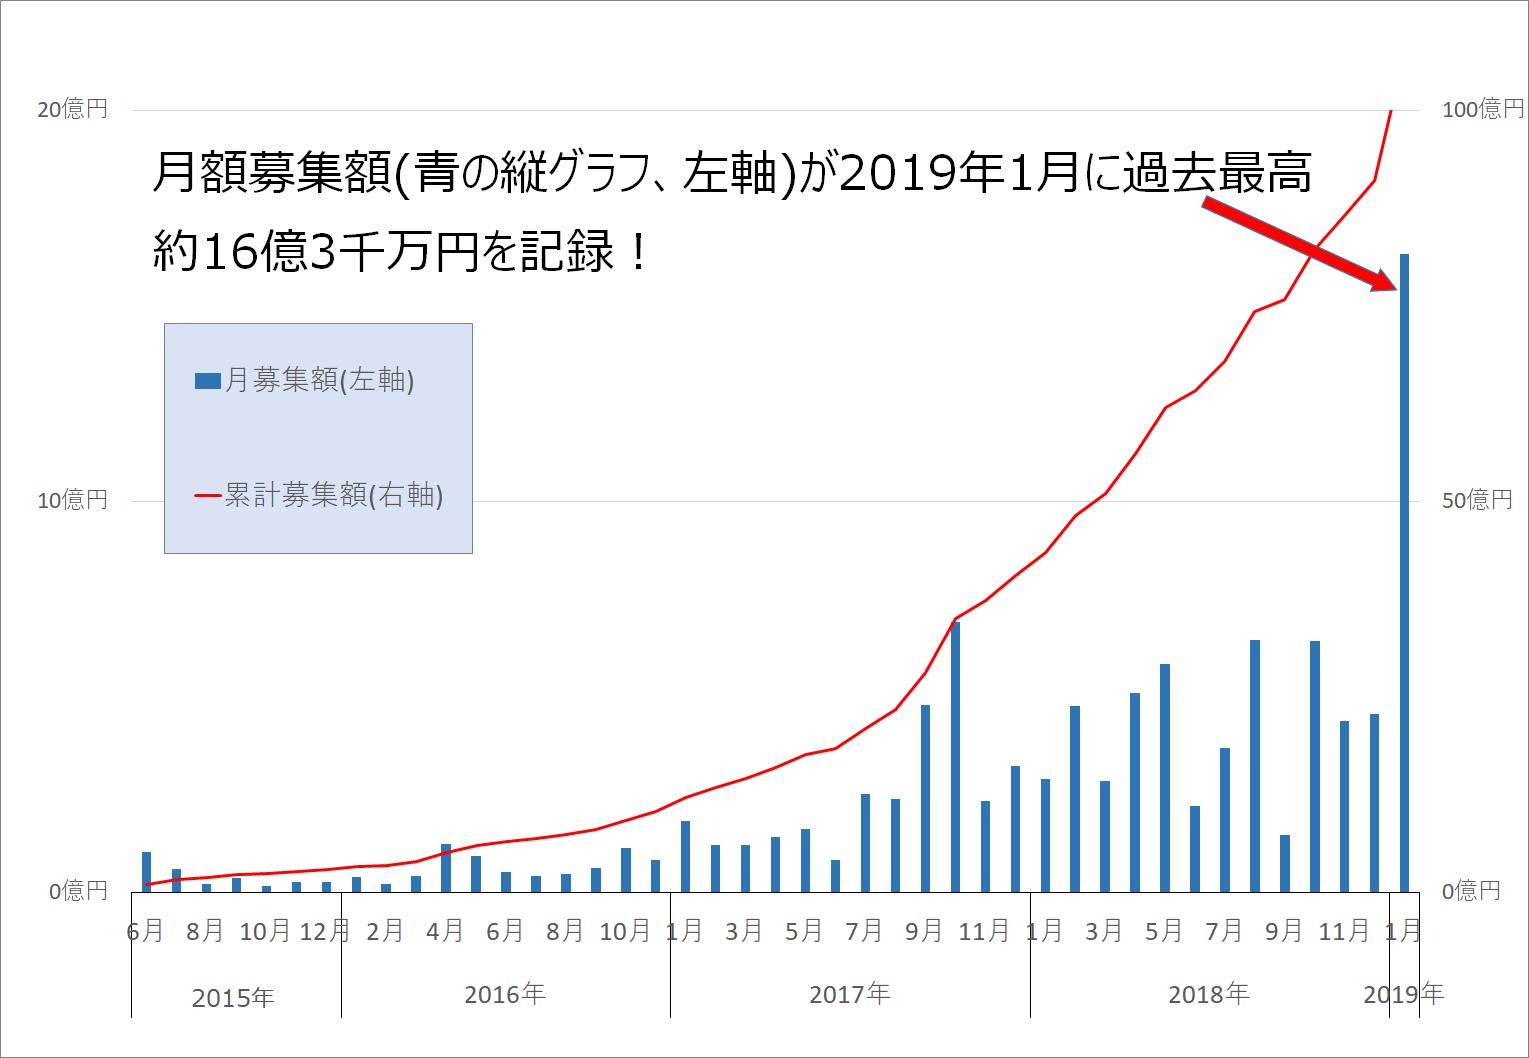 オーナーズブック累計募集額100億円突破!